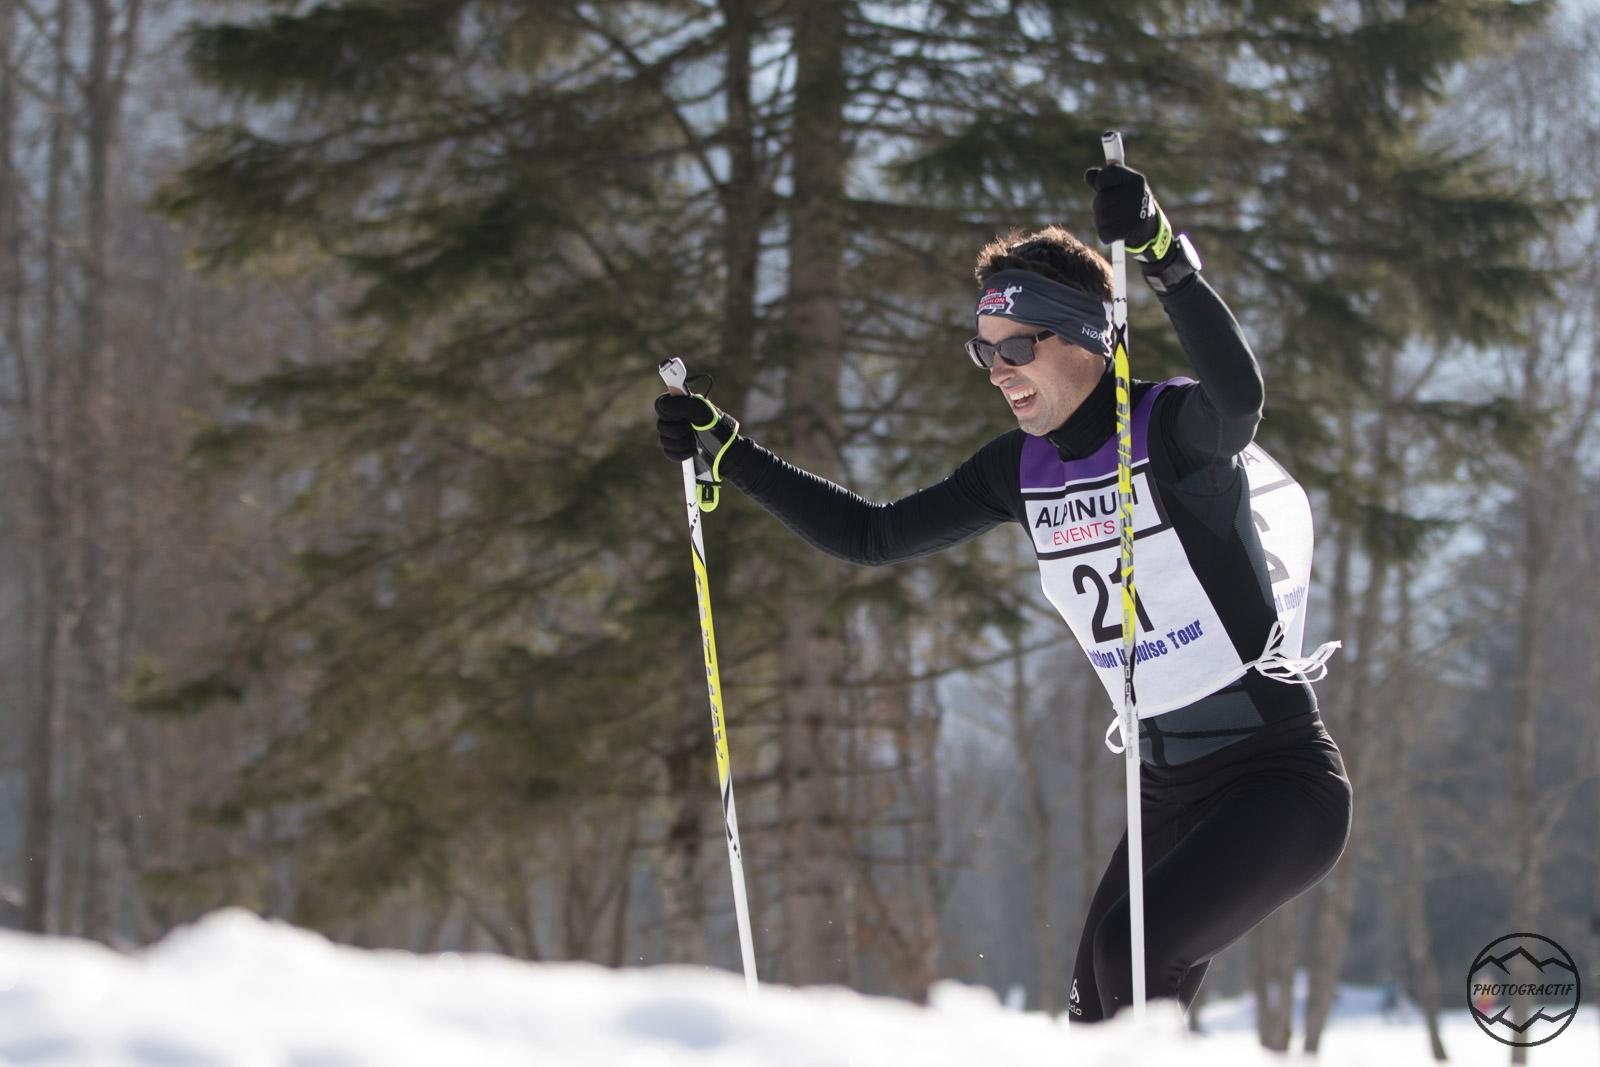 Biathlon Alpinum Les Contamines 2019 (94)